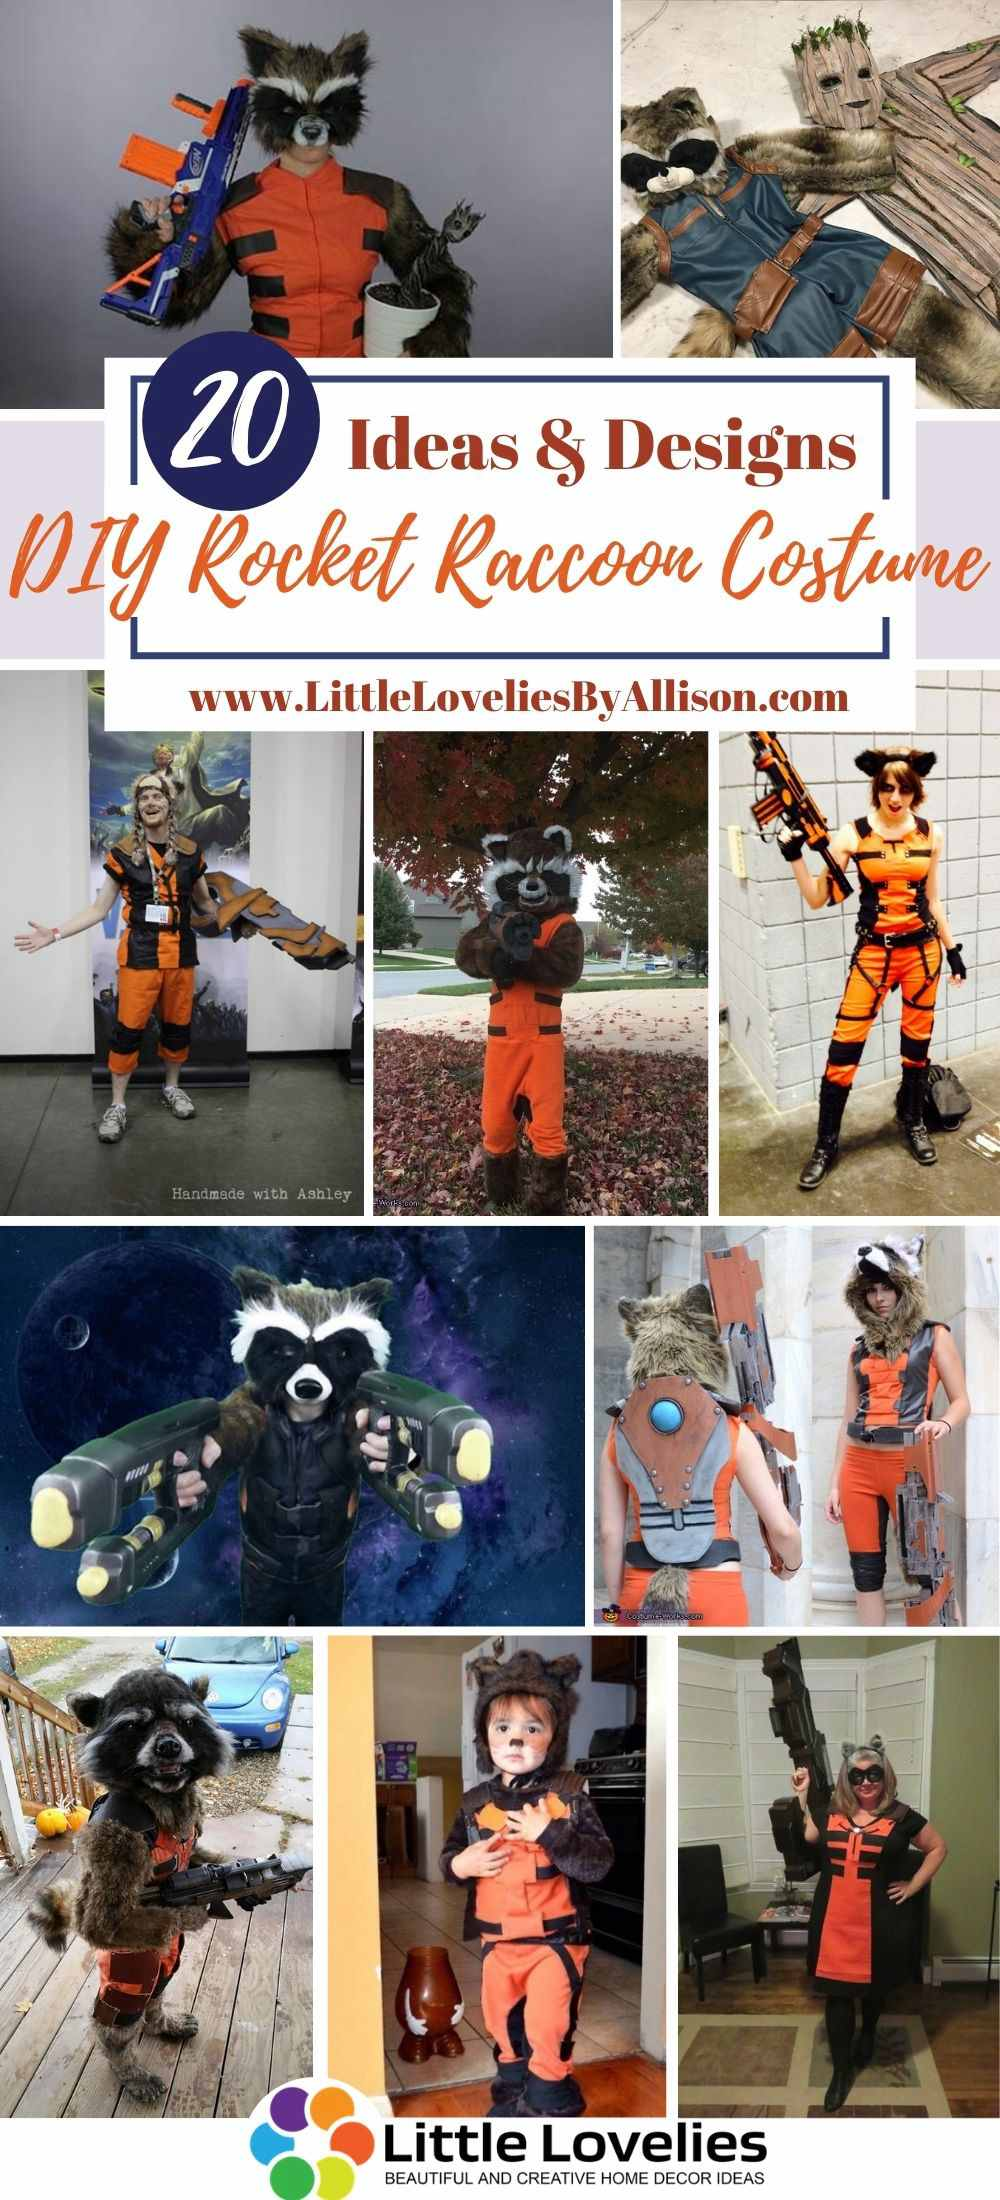 Best-DIY-Rocket-Raccoon-Costume